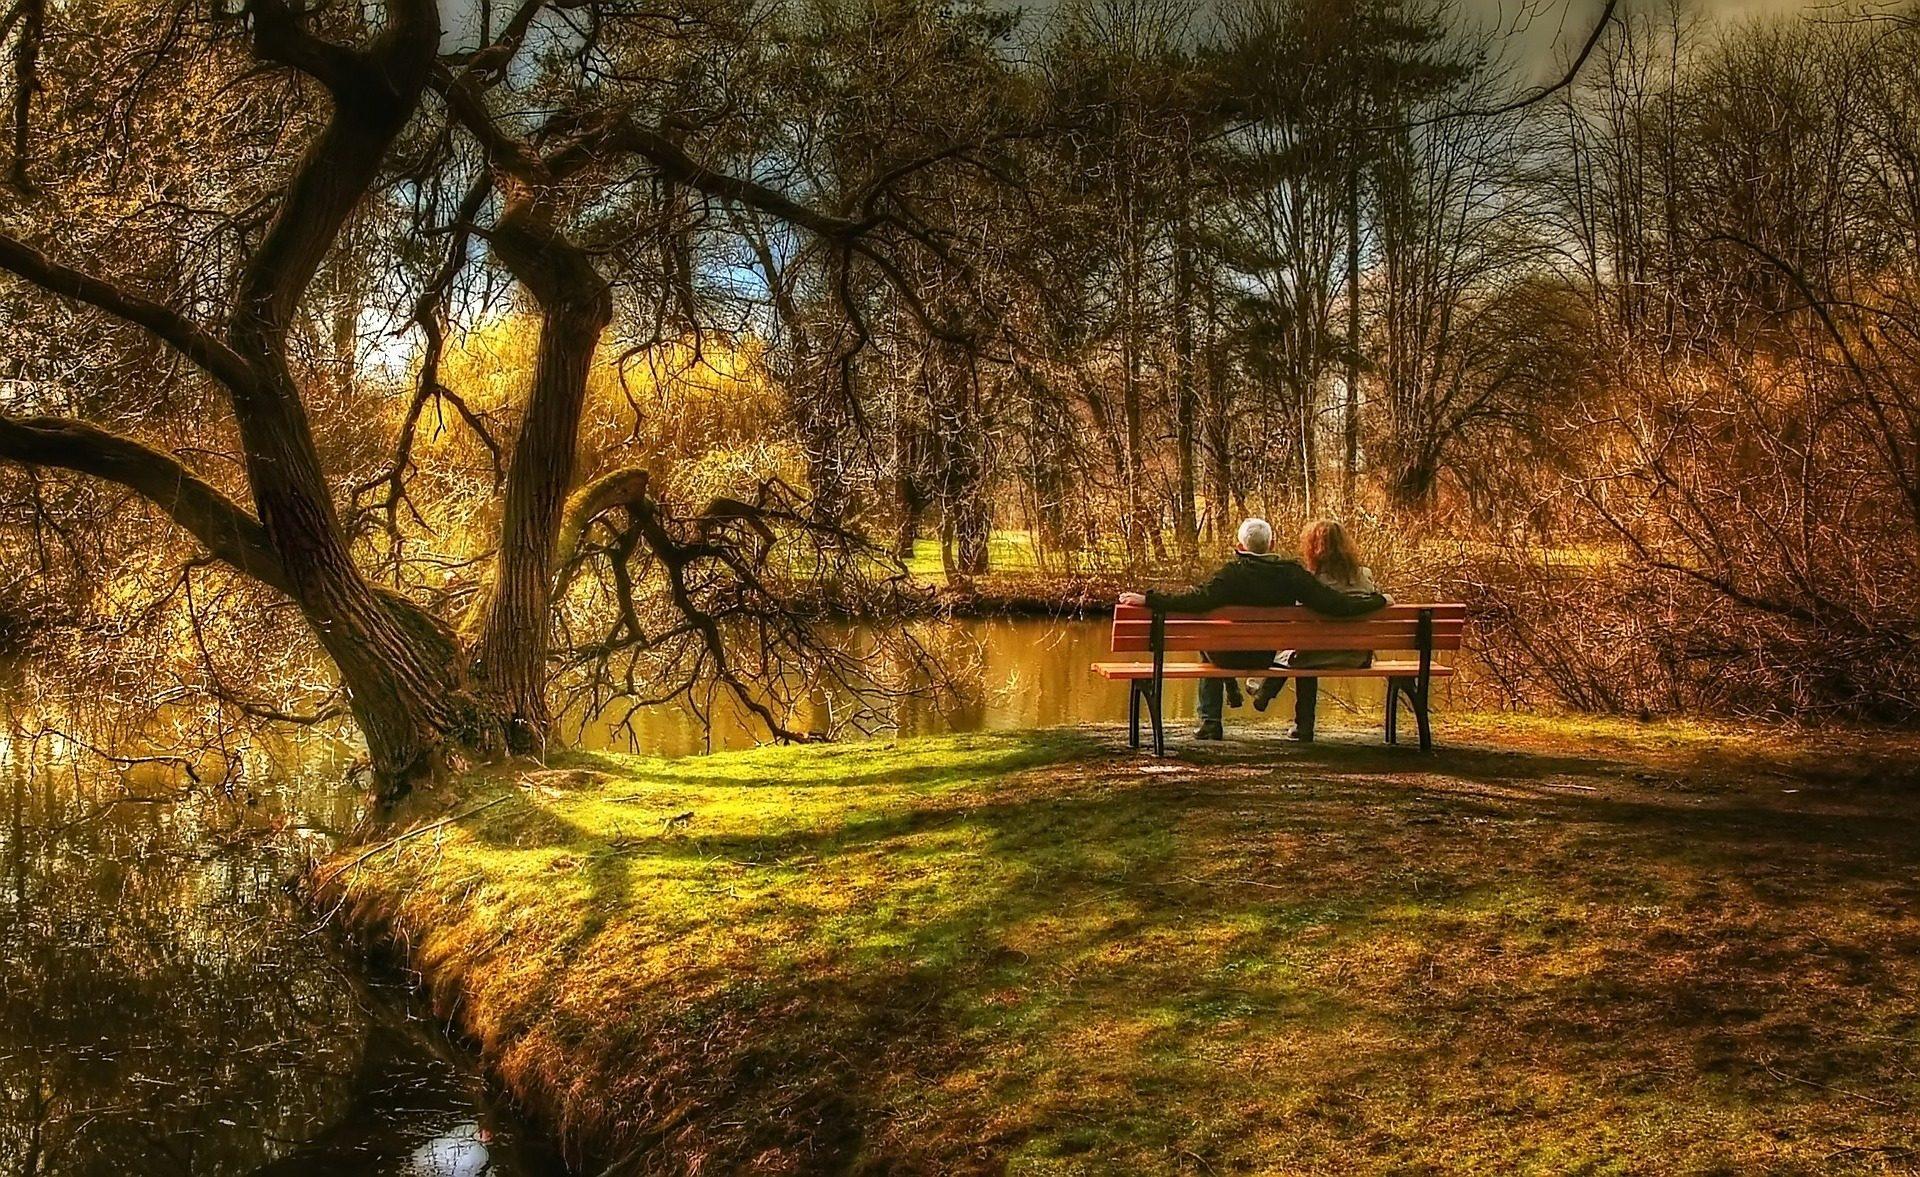 coppia, Banca, foresta, lago, alberi, rilassarsi - Sfondi HD - Professor-falken.com